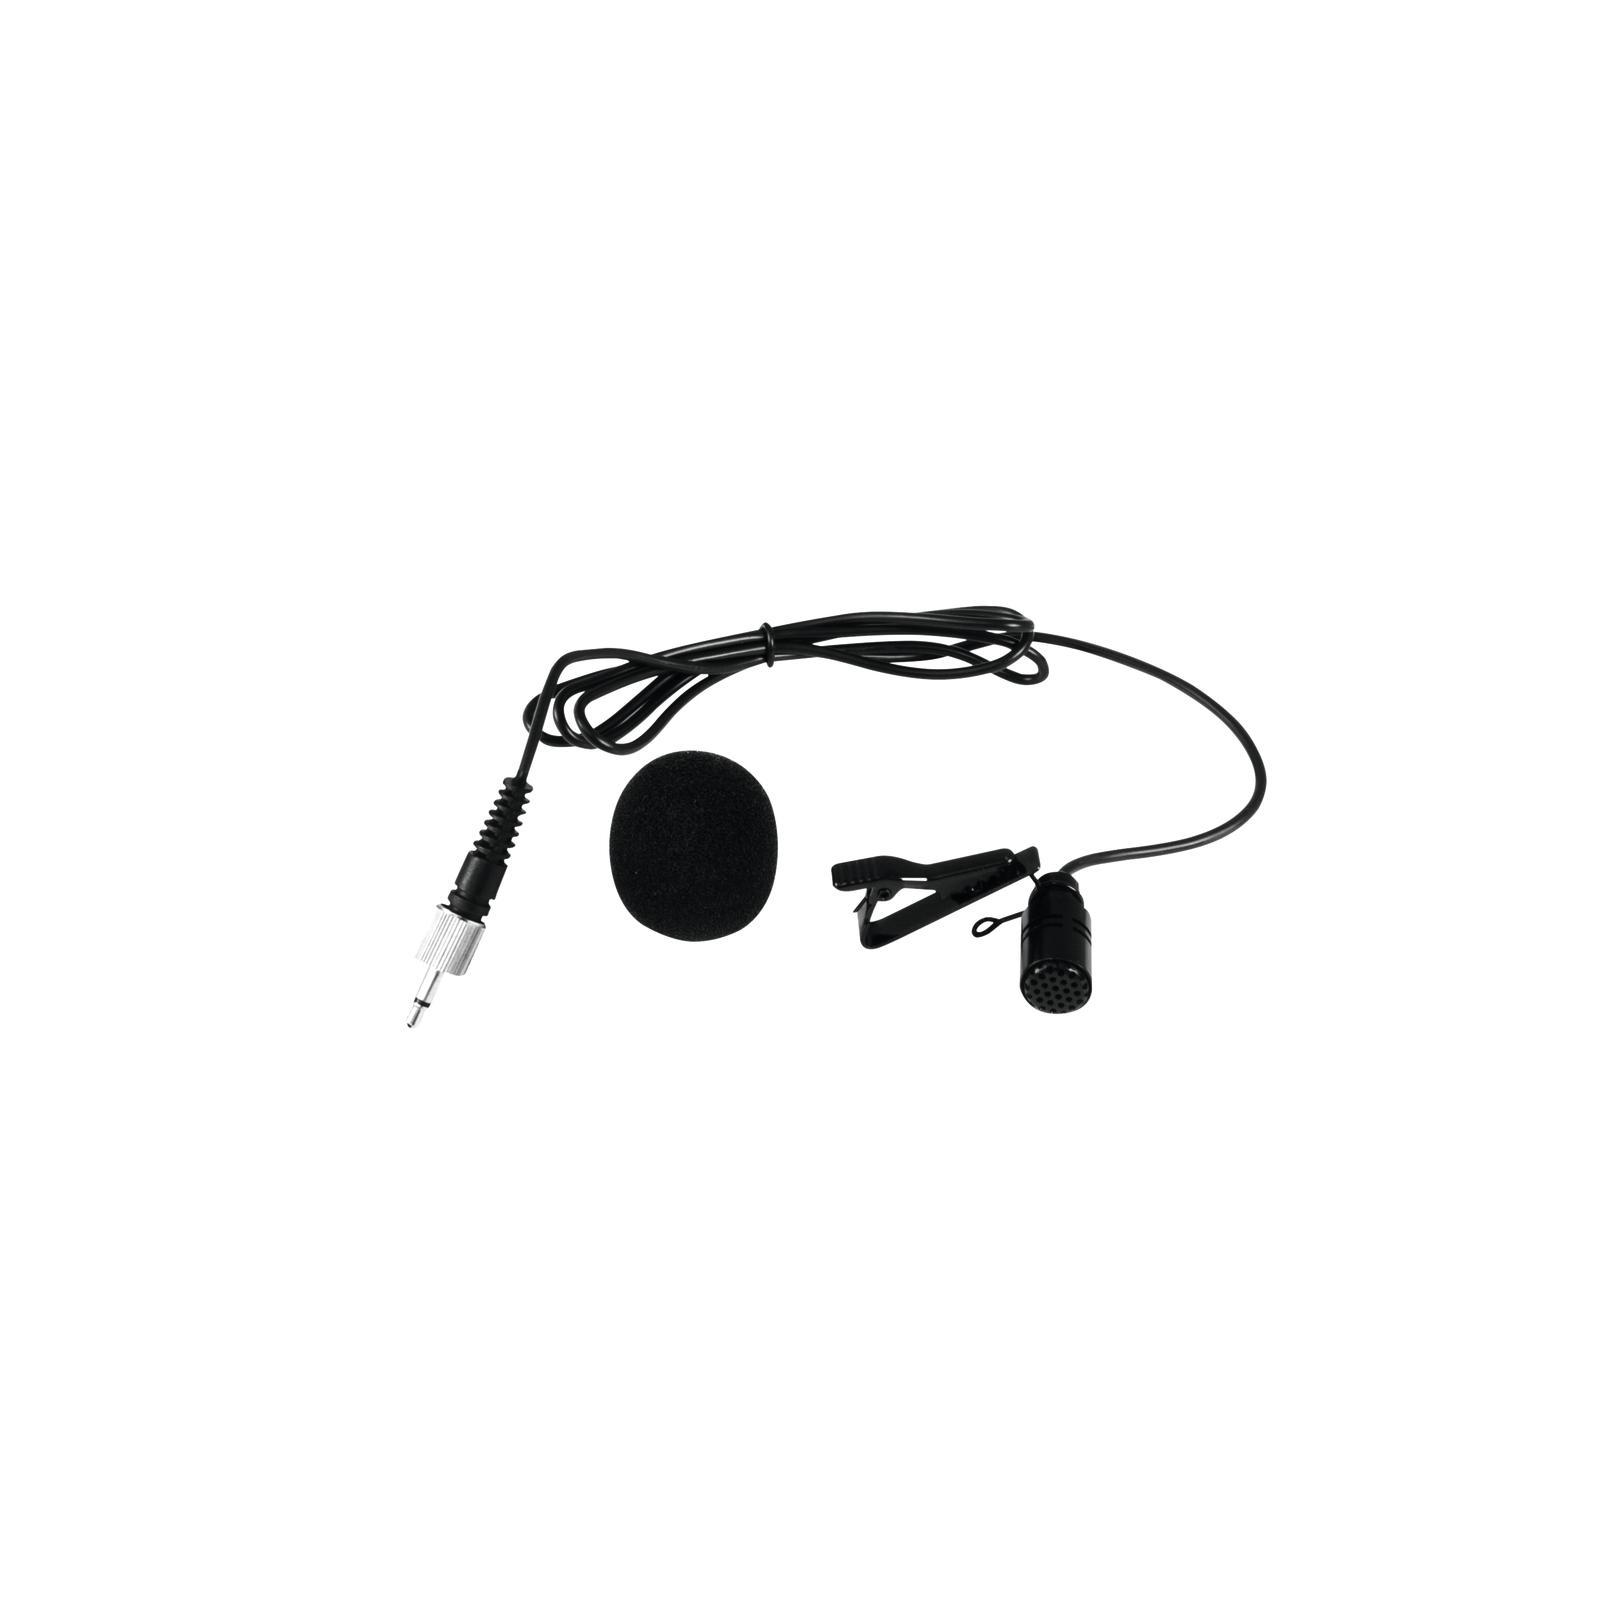 Microfono Lavalier Con Attacco Mini Jack Sennheiser Su